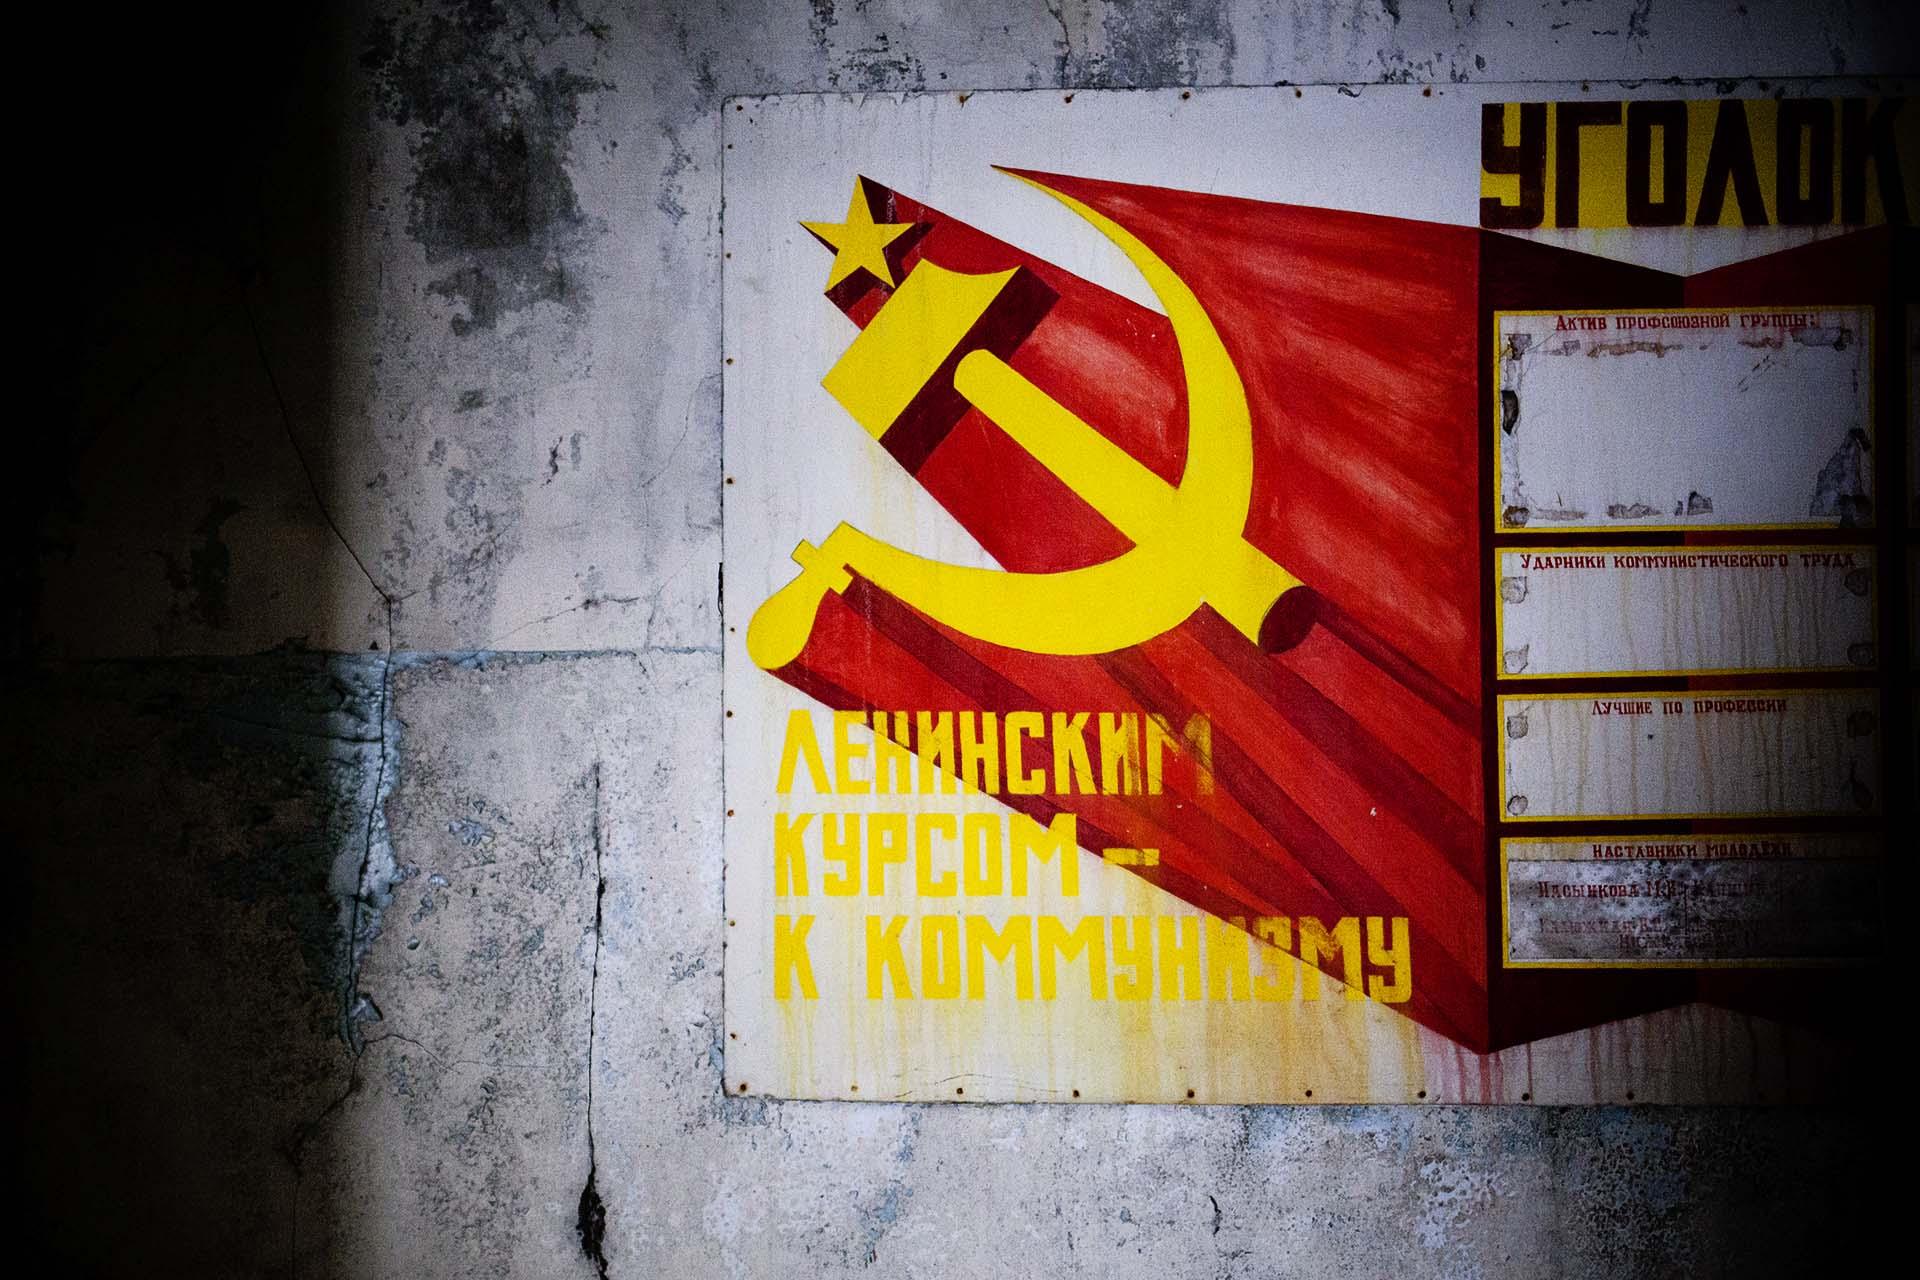 El comunismo soviético se ha congelado en 1986 en toda la Zona.